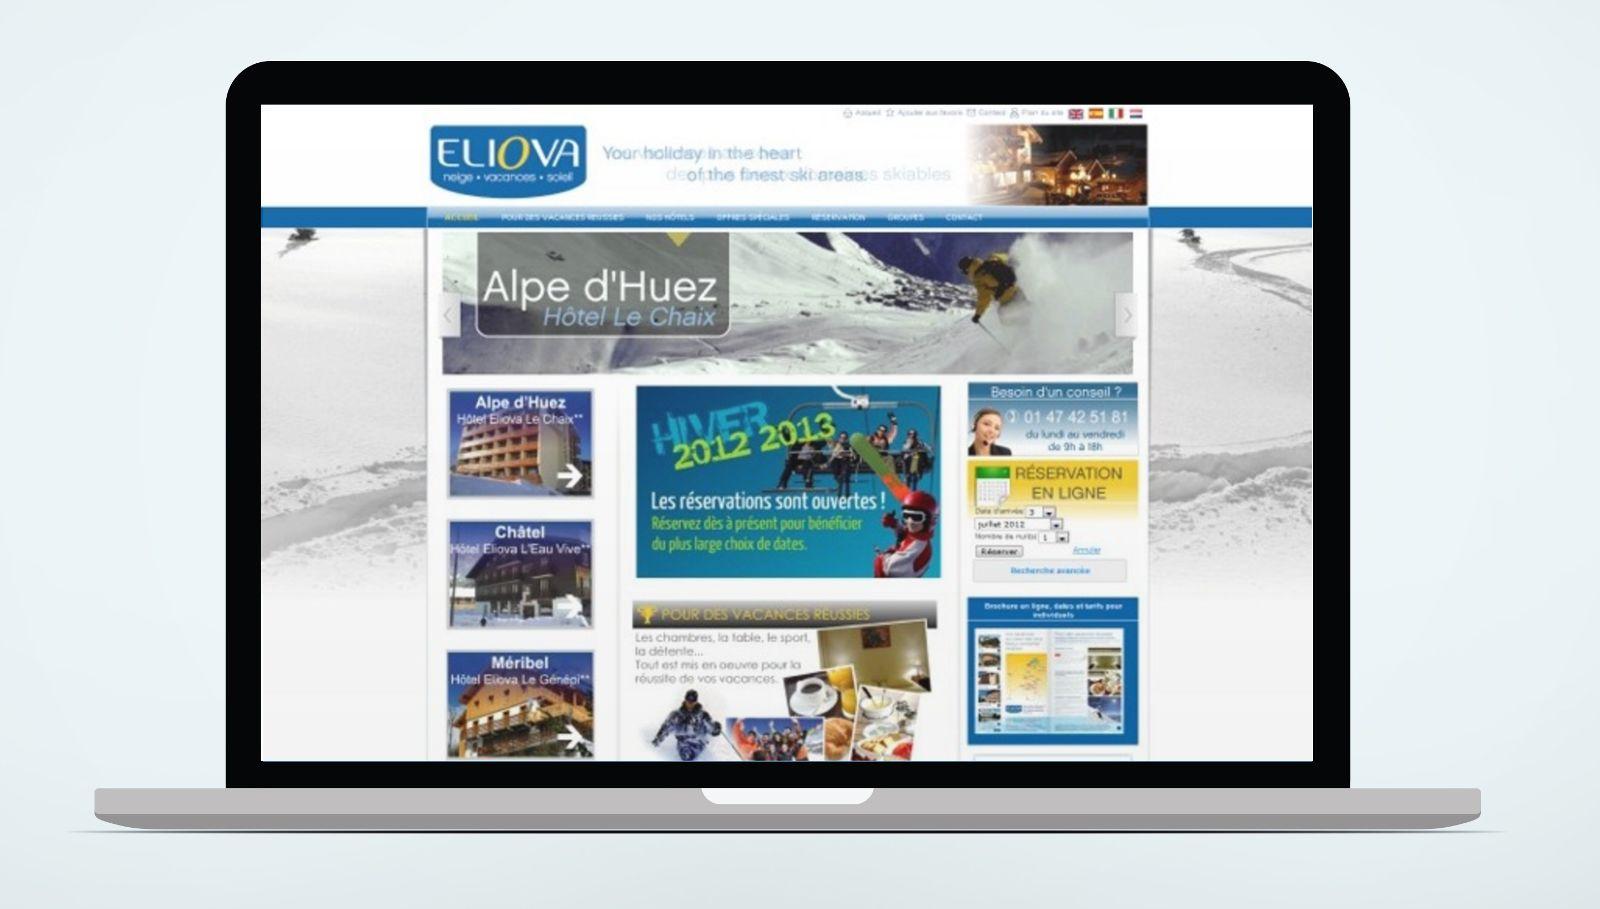 Le site Eliova avant refonte